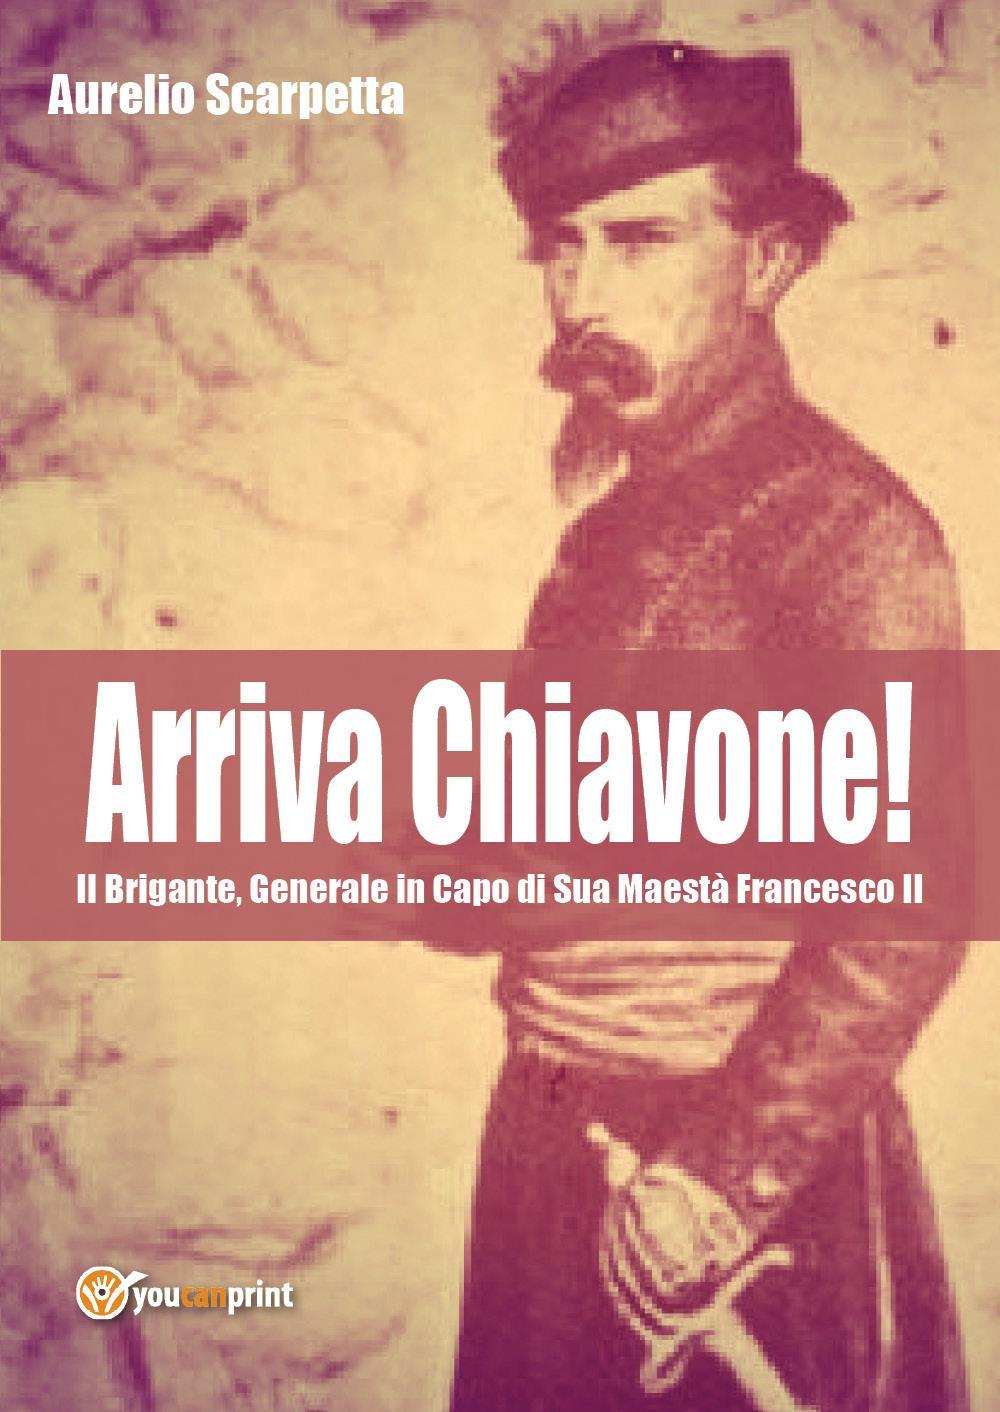 Arriva Chiavone!